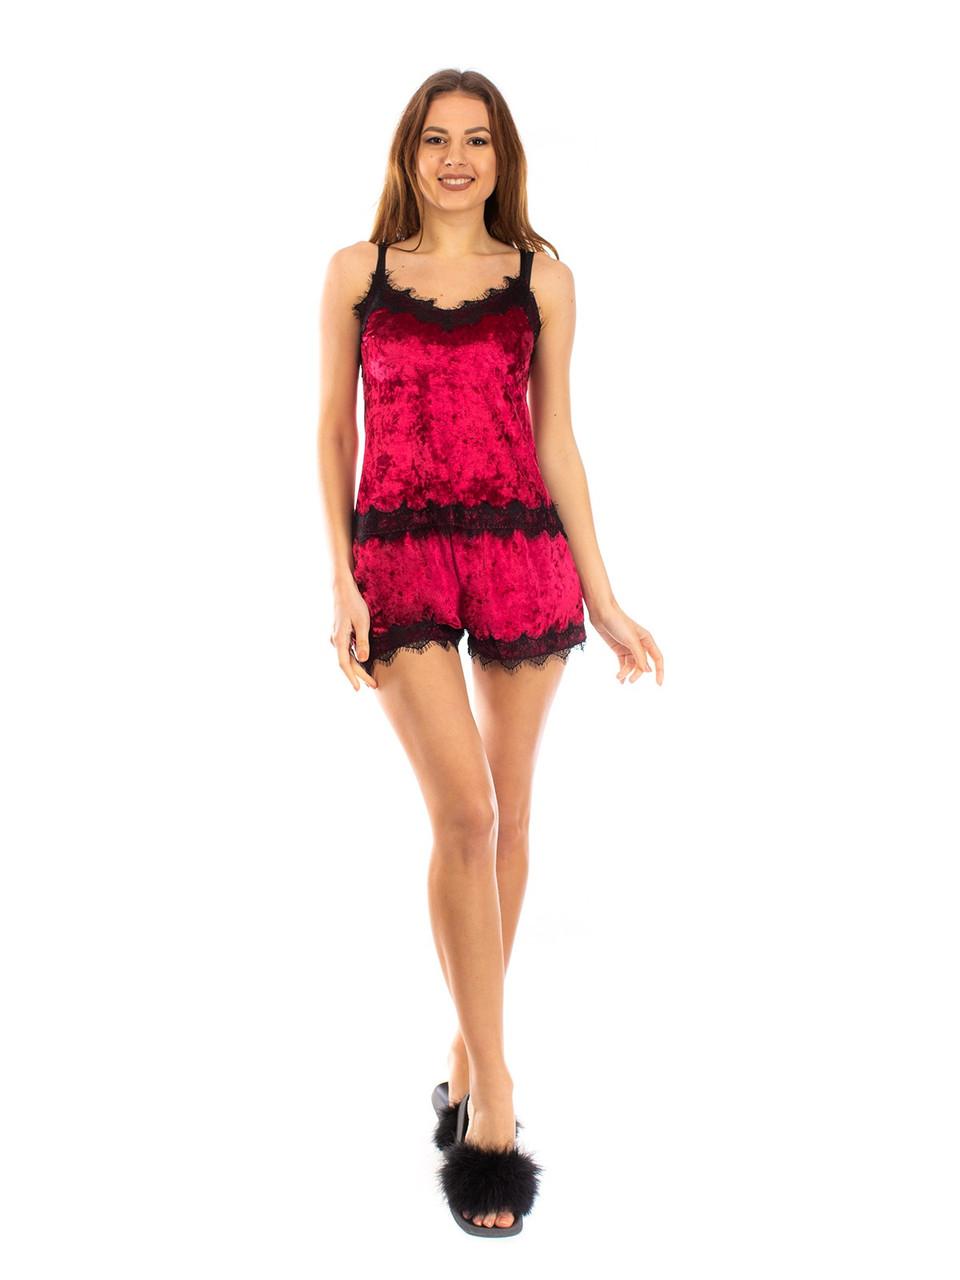 Женская красивая пижама двойка майка и шорты 42 44 46 48 размеры есть цвета